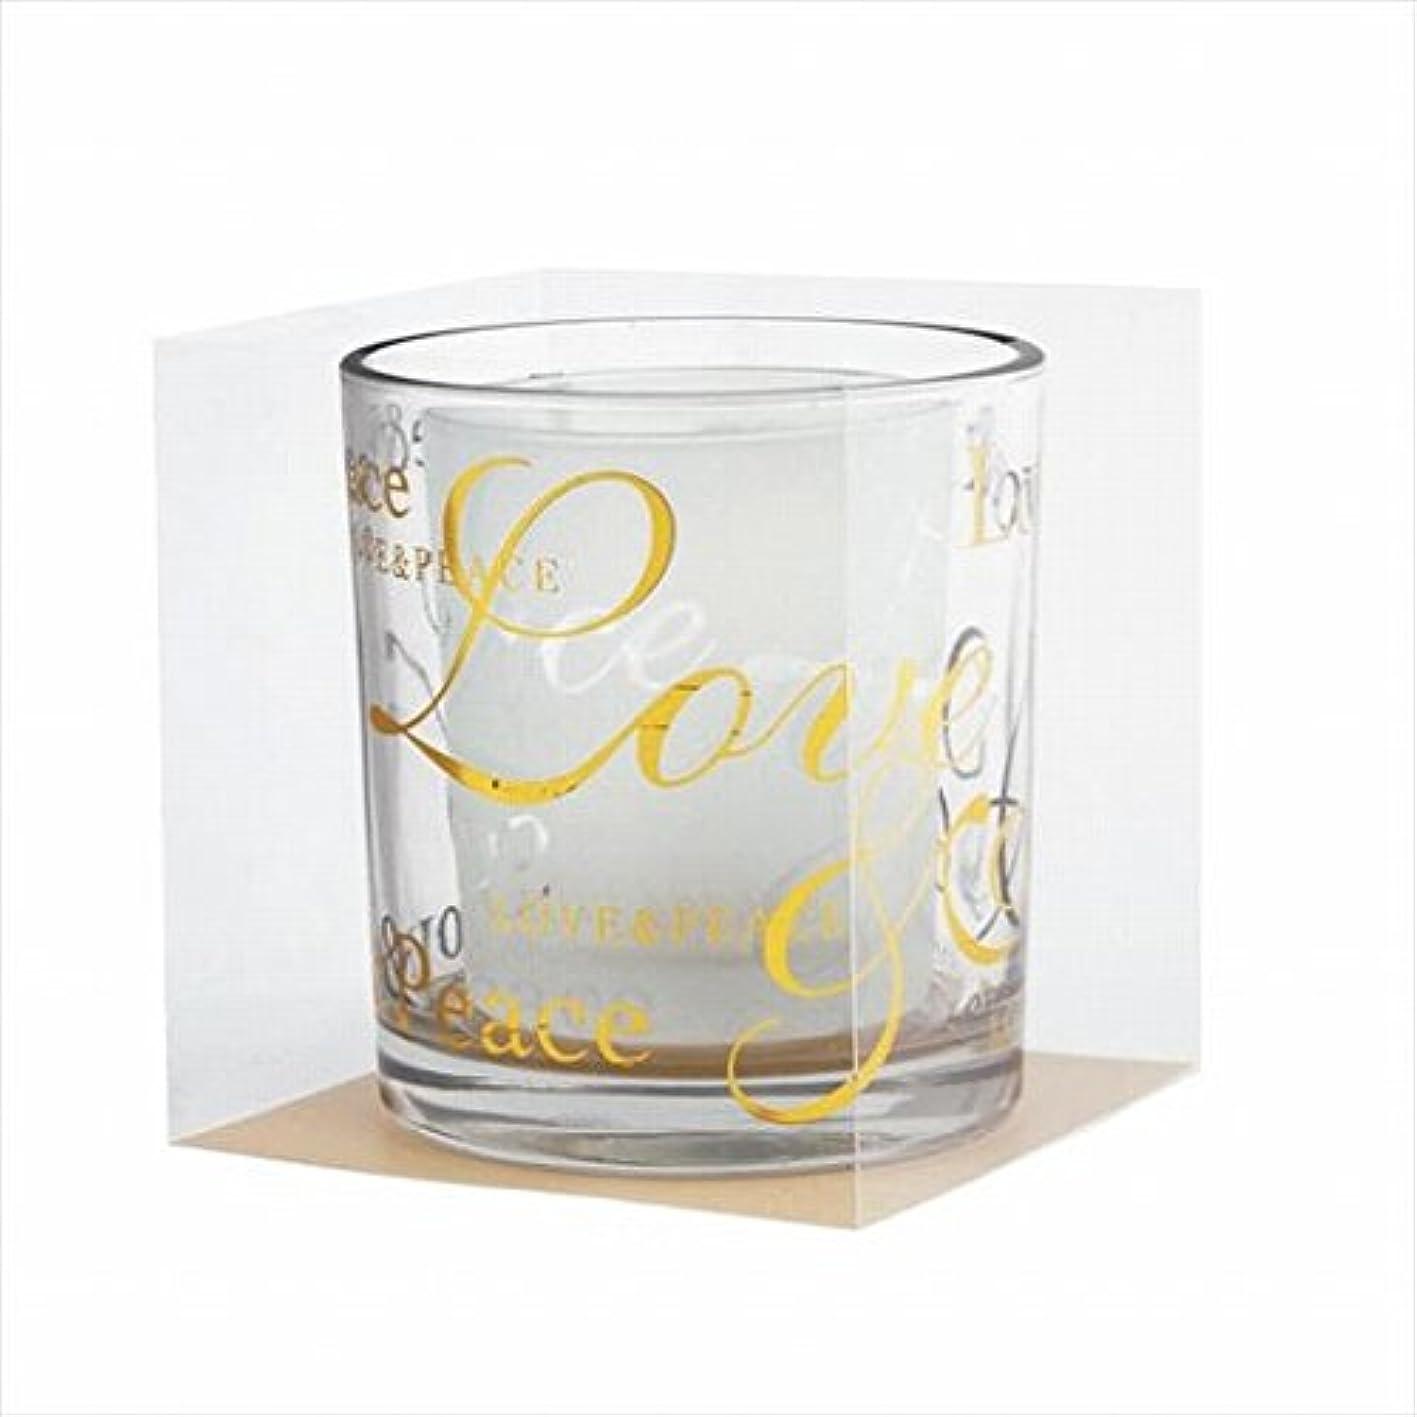 失礼な枝宿るカメヤマキャンドル(kameyama candle) ラブ&ピースデュエットグラス 「 ゴールド 」